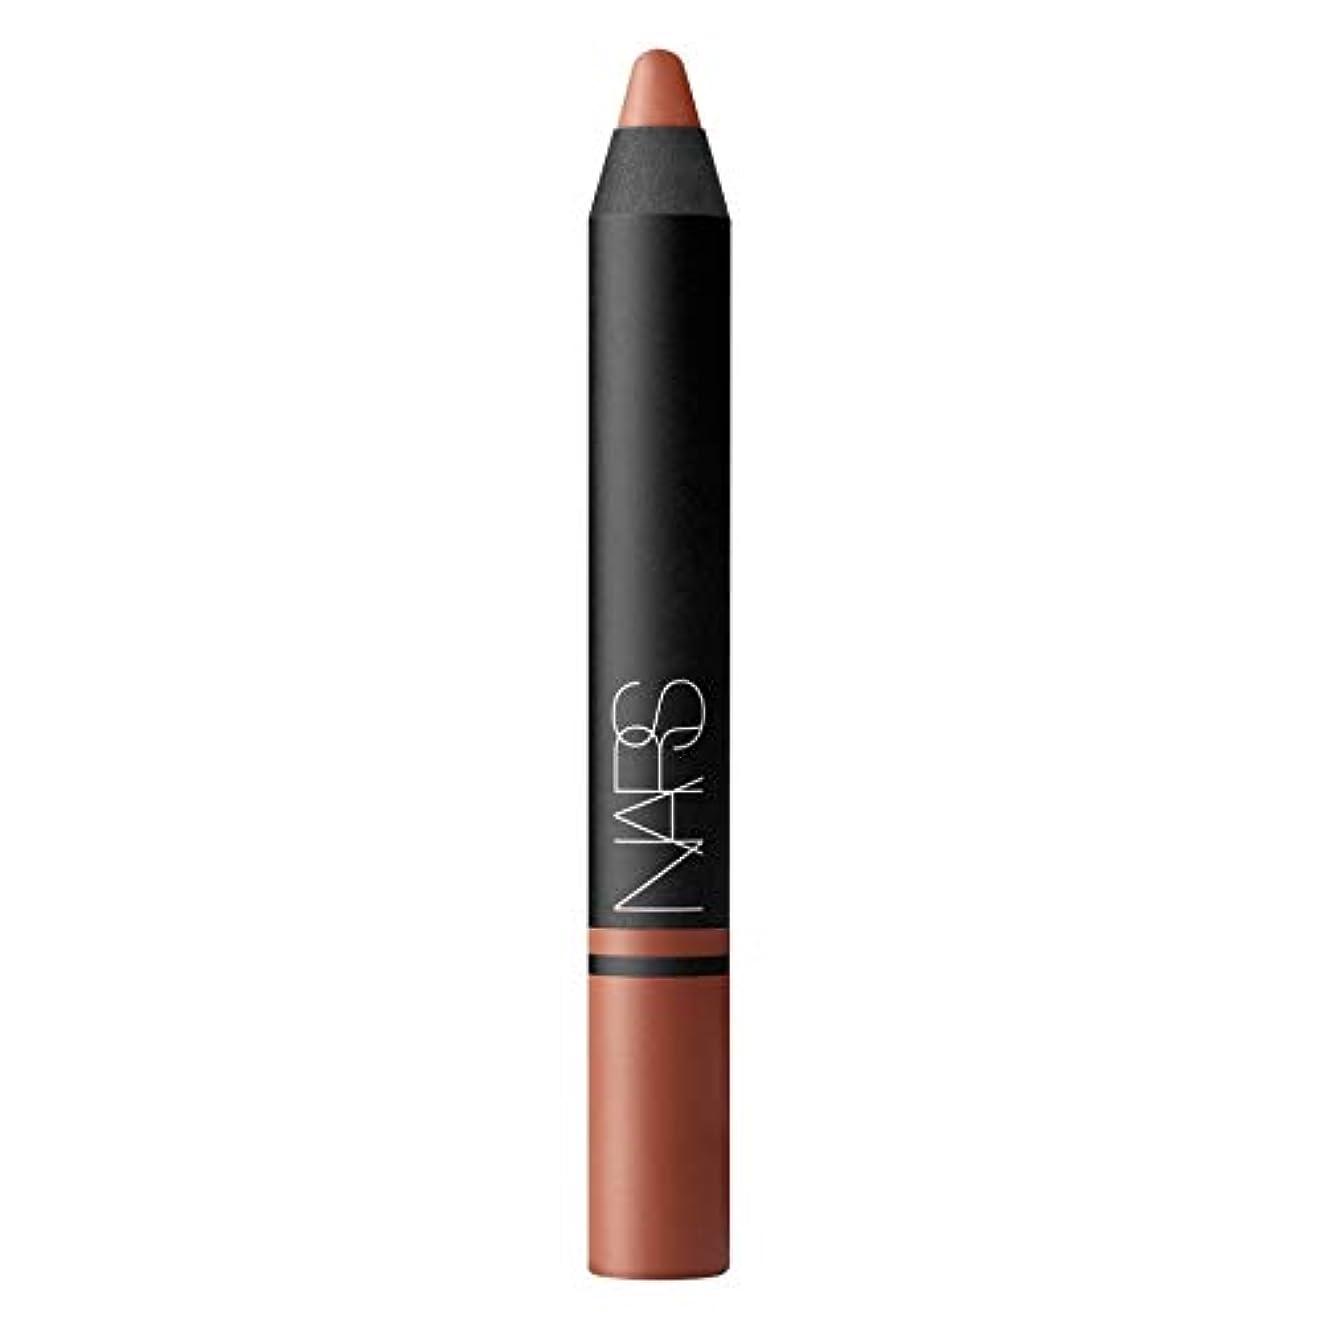 多年生アニメーション美徳[NARS] HetのトイレでのリップペンシルサテンのNar - Nars Satin Lip Pencil in Het Loo [並行輸入品]